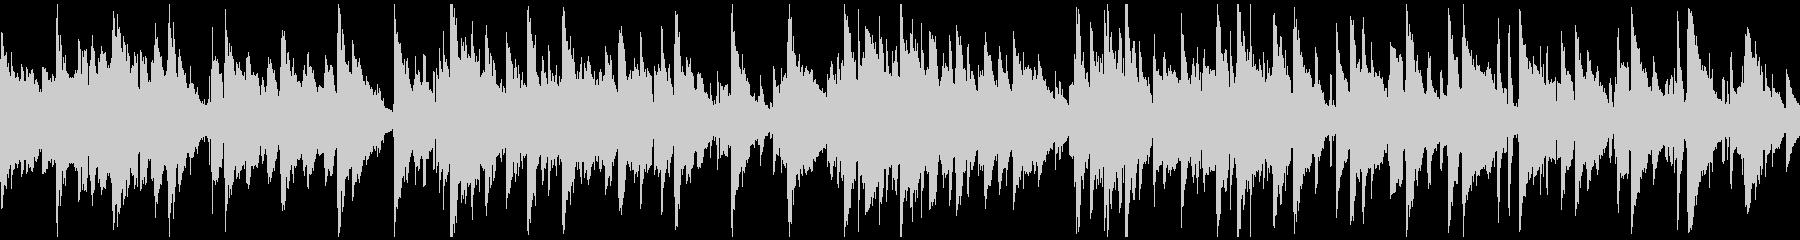 現代的アコースティックジャズ ※ループ版の未再生の波形